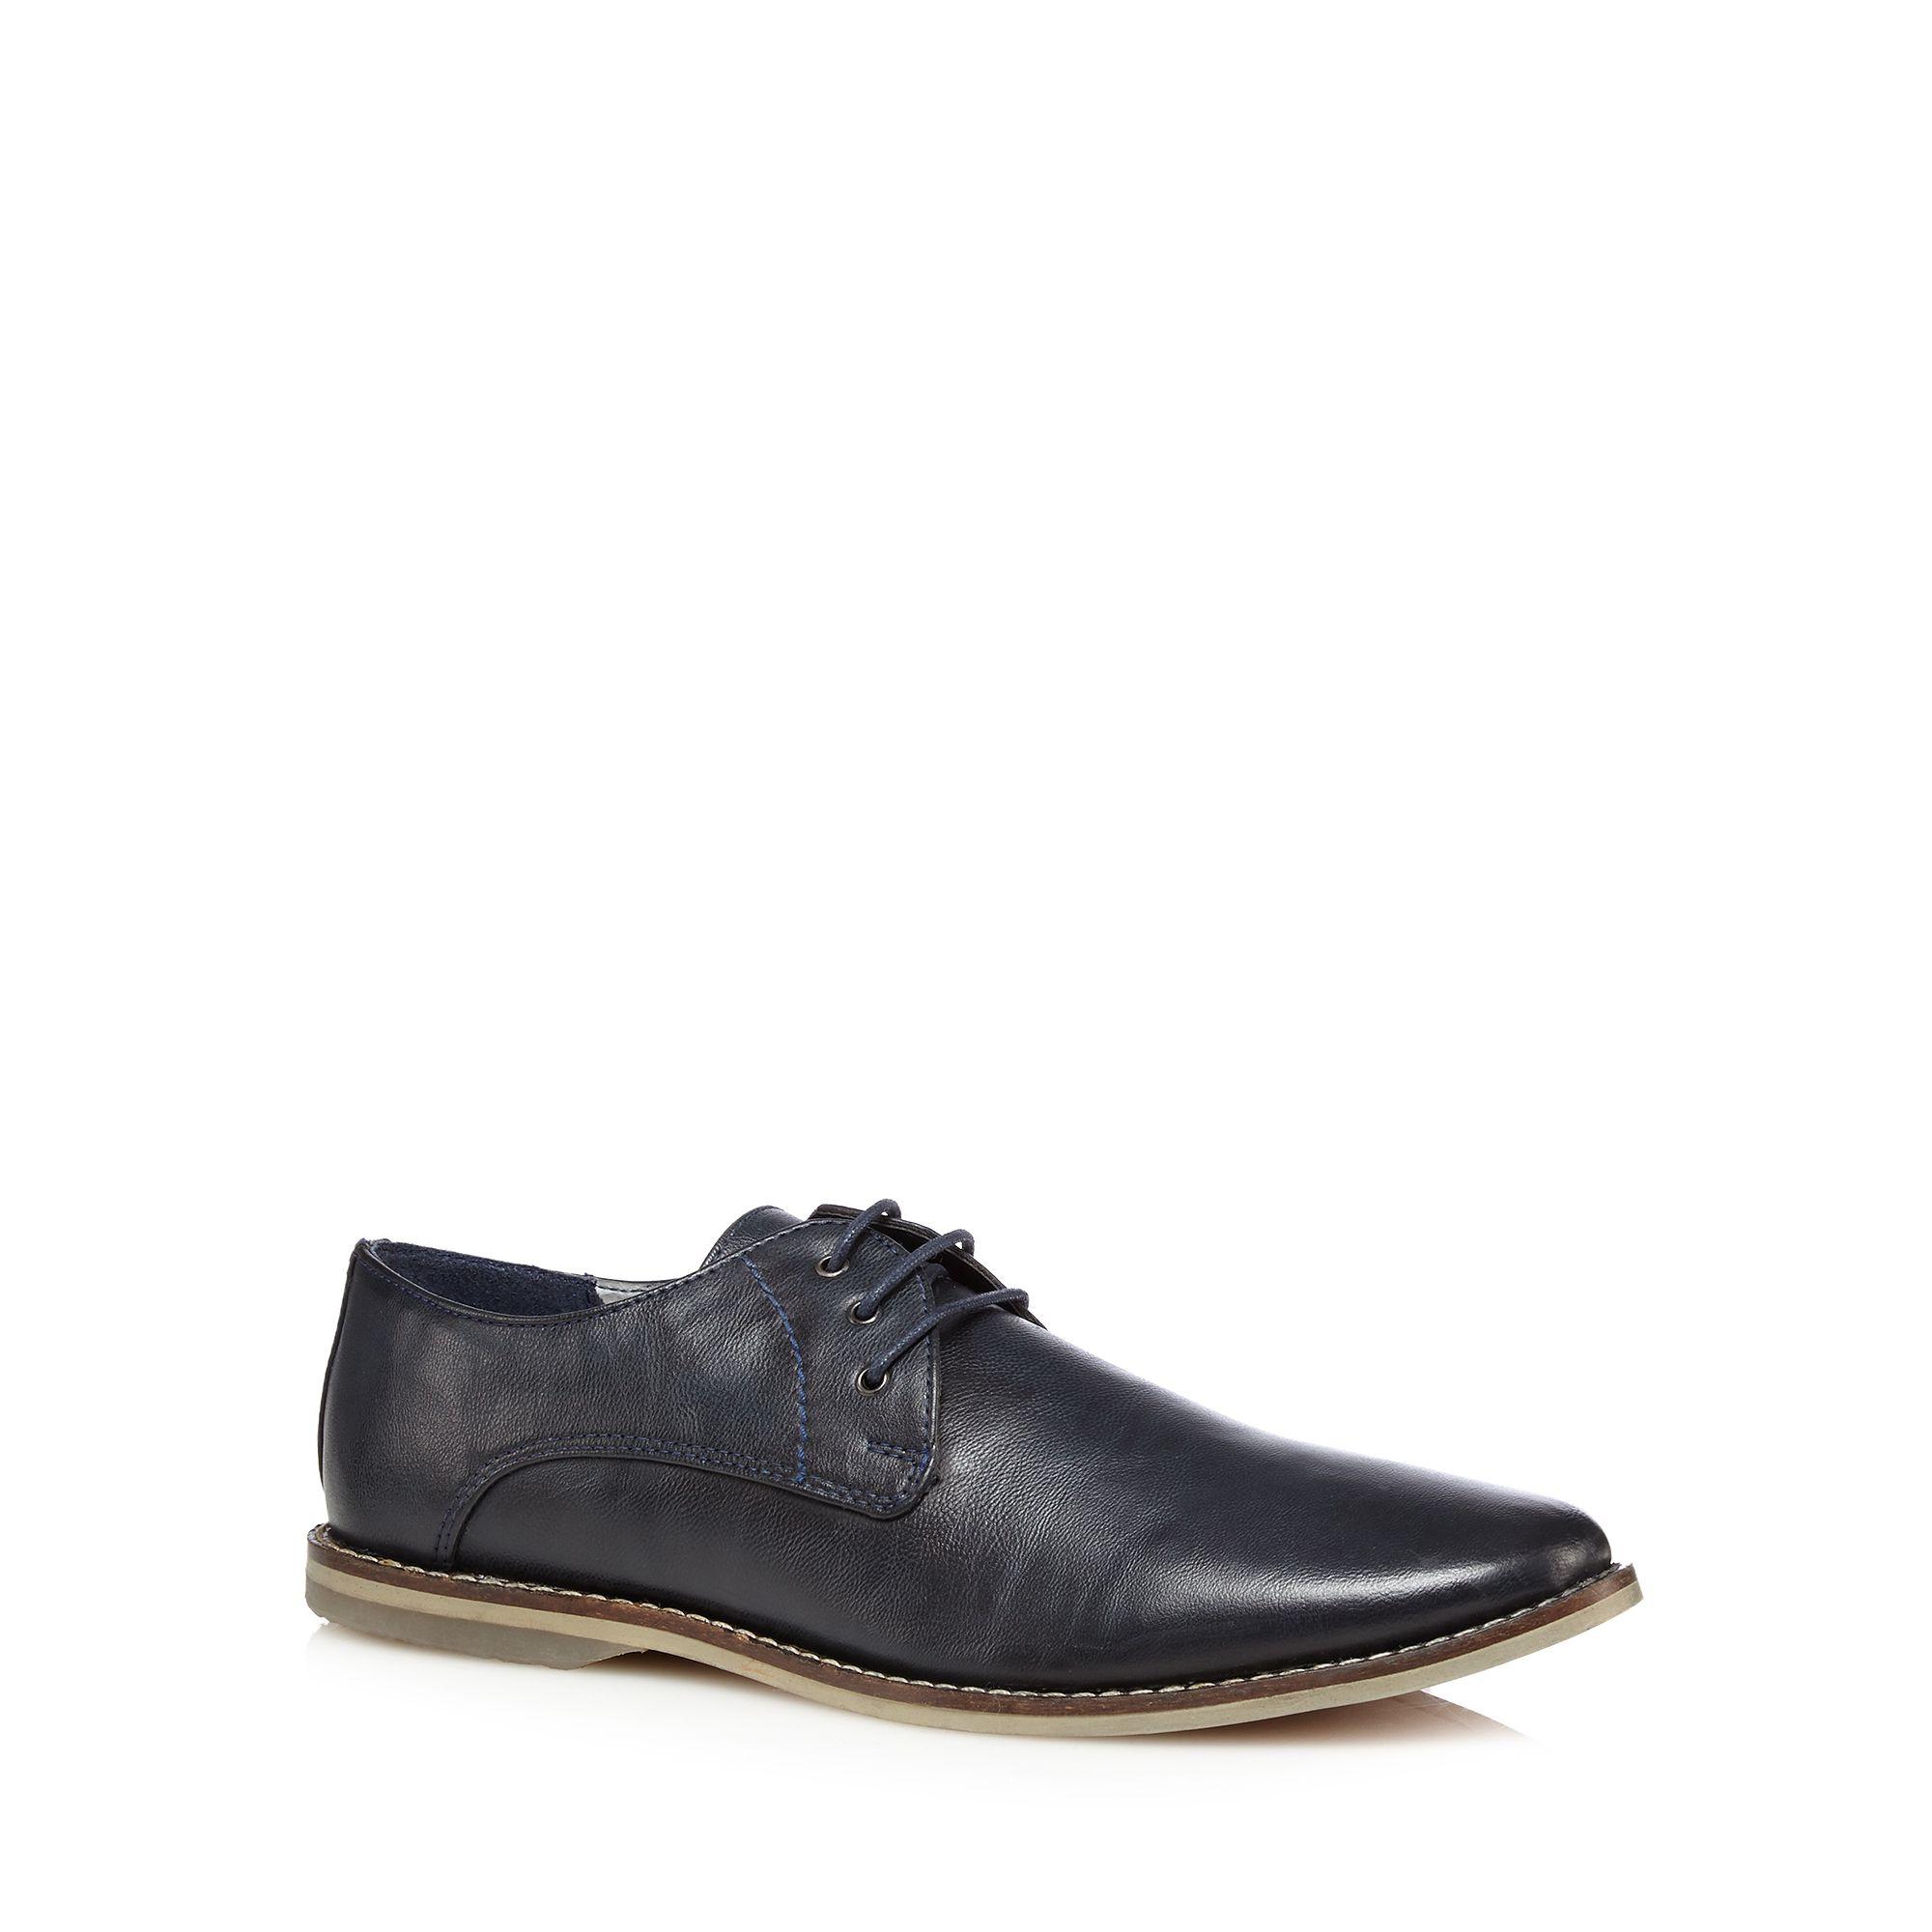 herring mens navy lace up shoes from debenhams 6 ebay